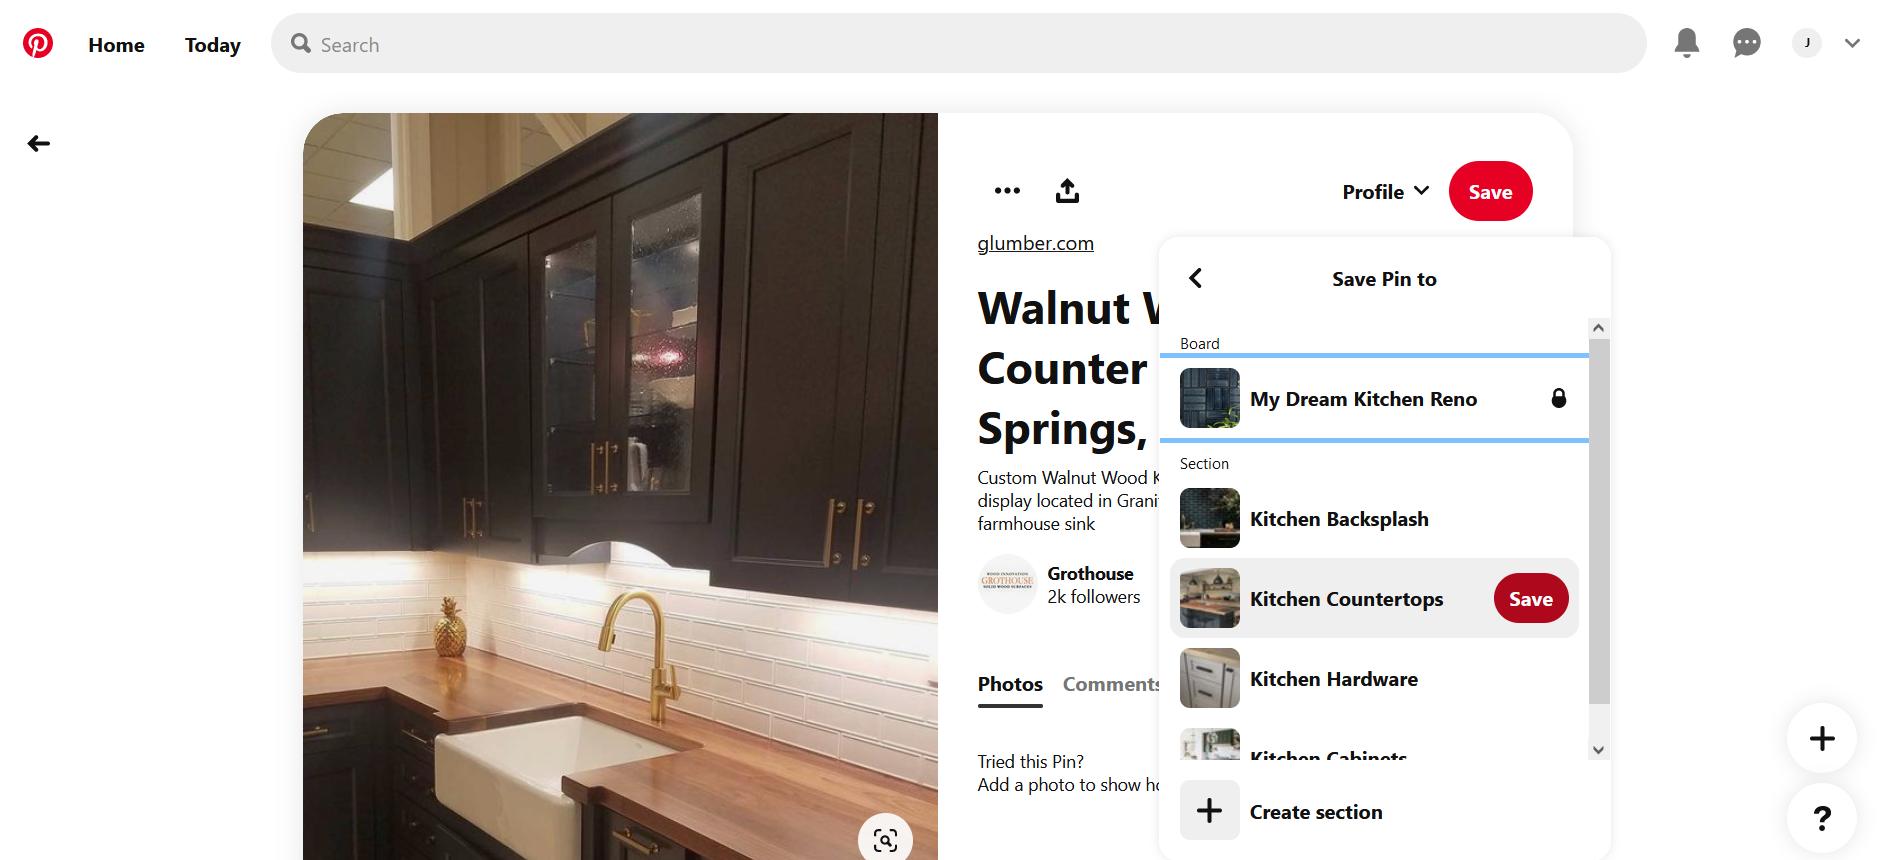 A screenshot of saving a Pin on Pinterest